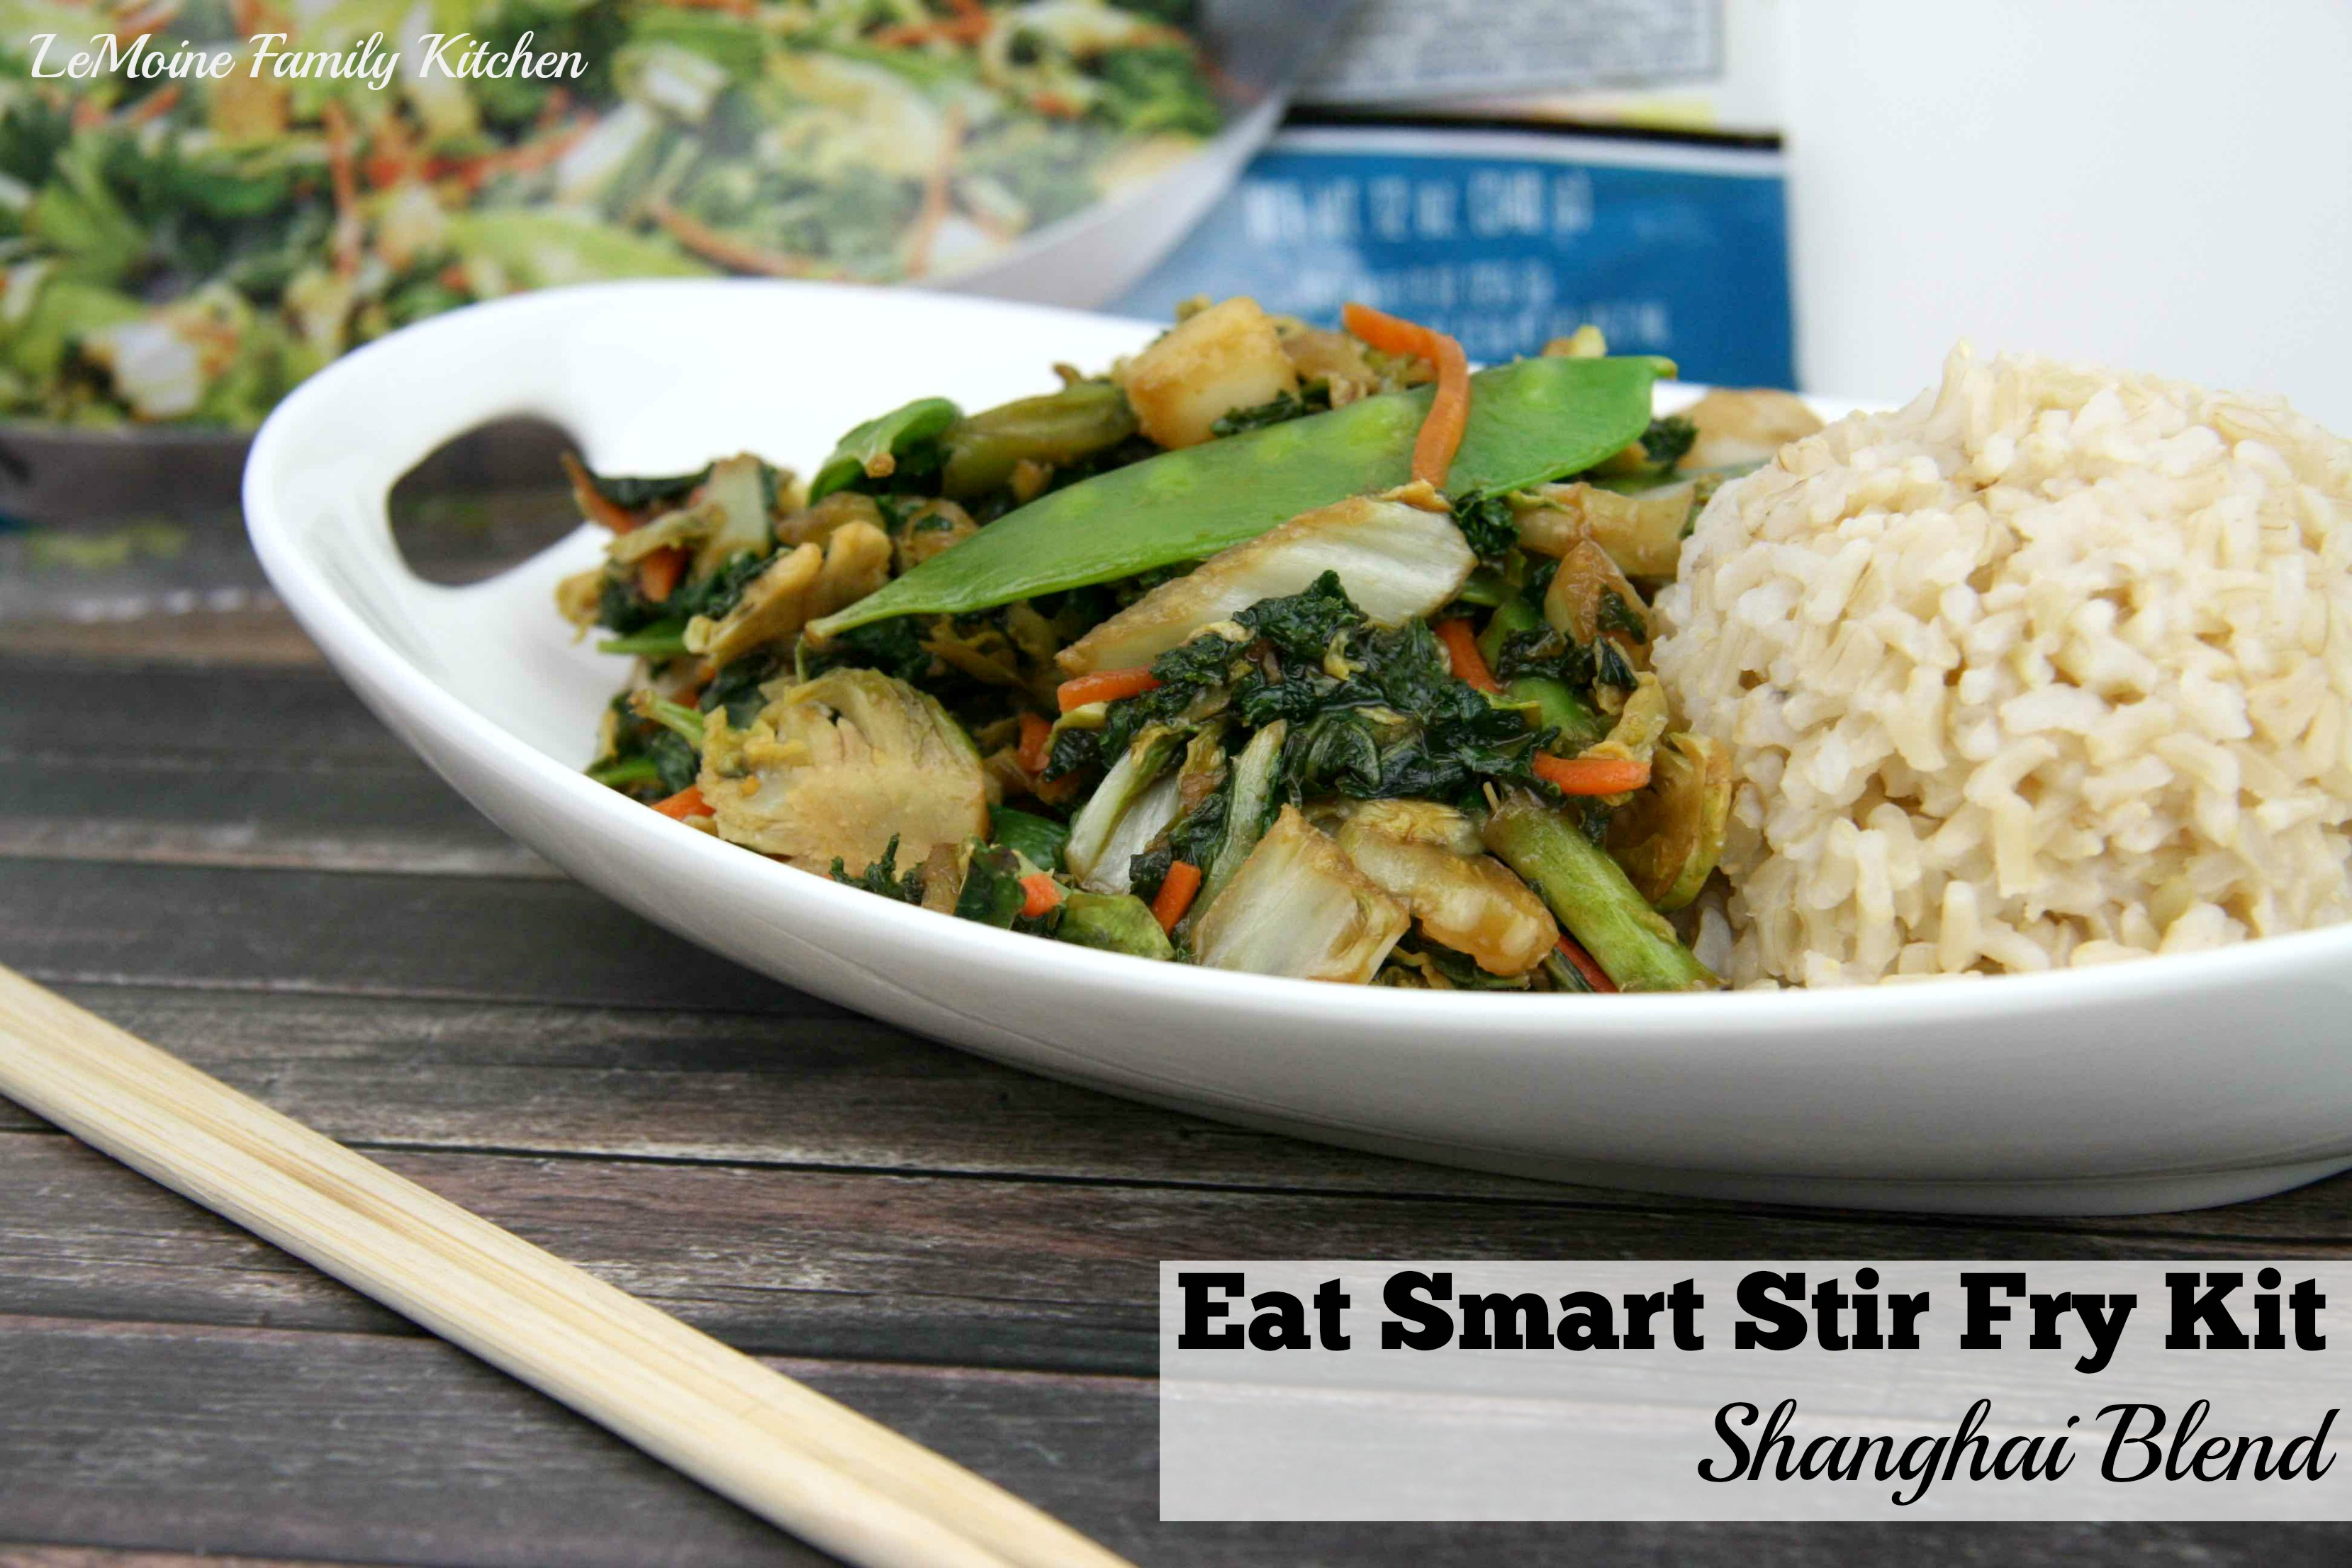 Eat Smart Stir Fry Kit :: Shanghai Blend